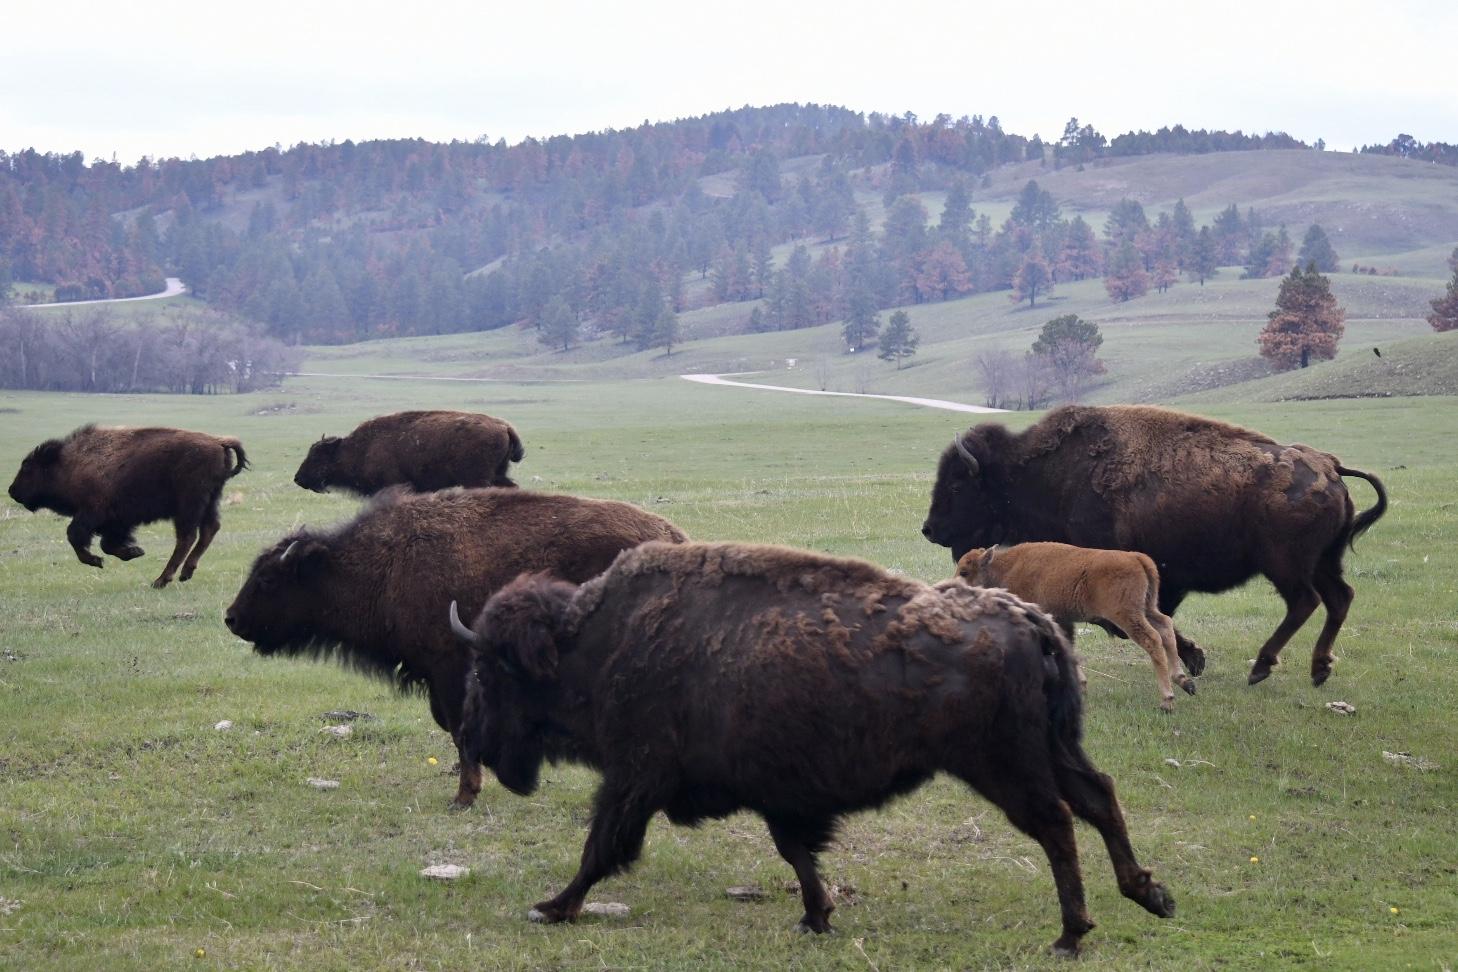 Fünf dunkle Bisons und ein helles Bisonkalb galoppieren über eine grüne Wiese im Custer State Park